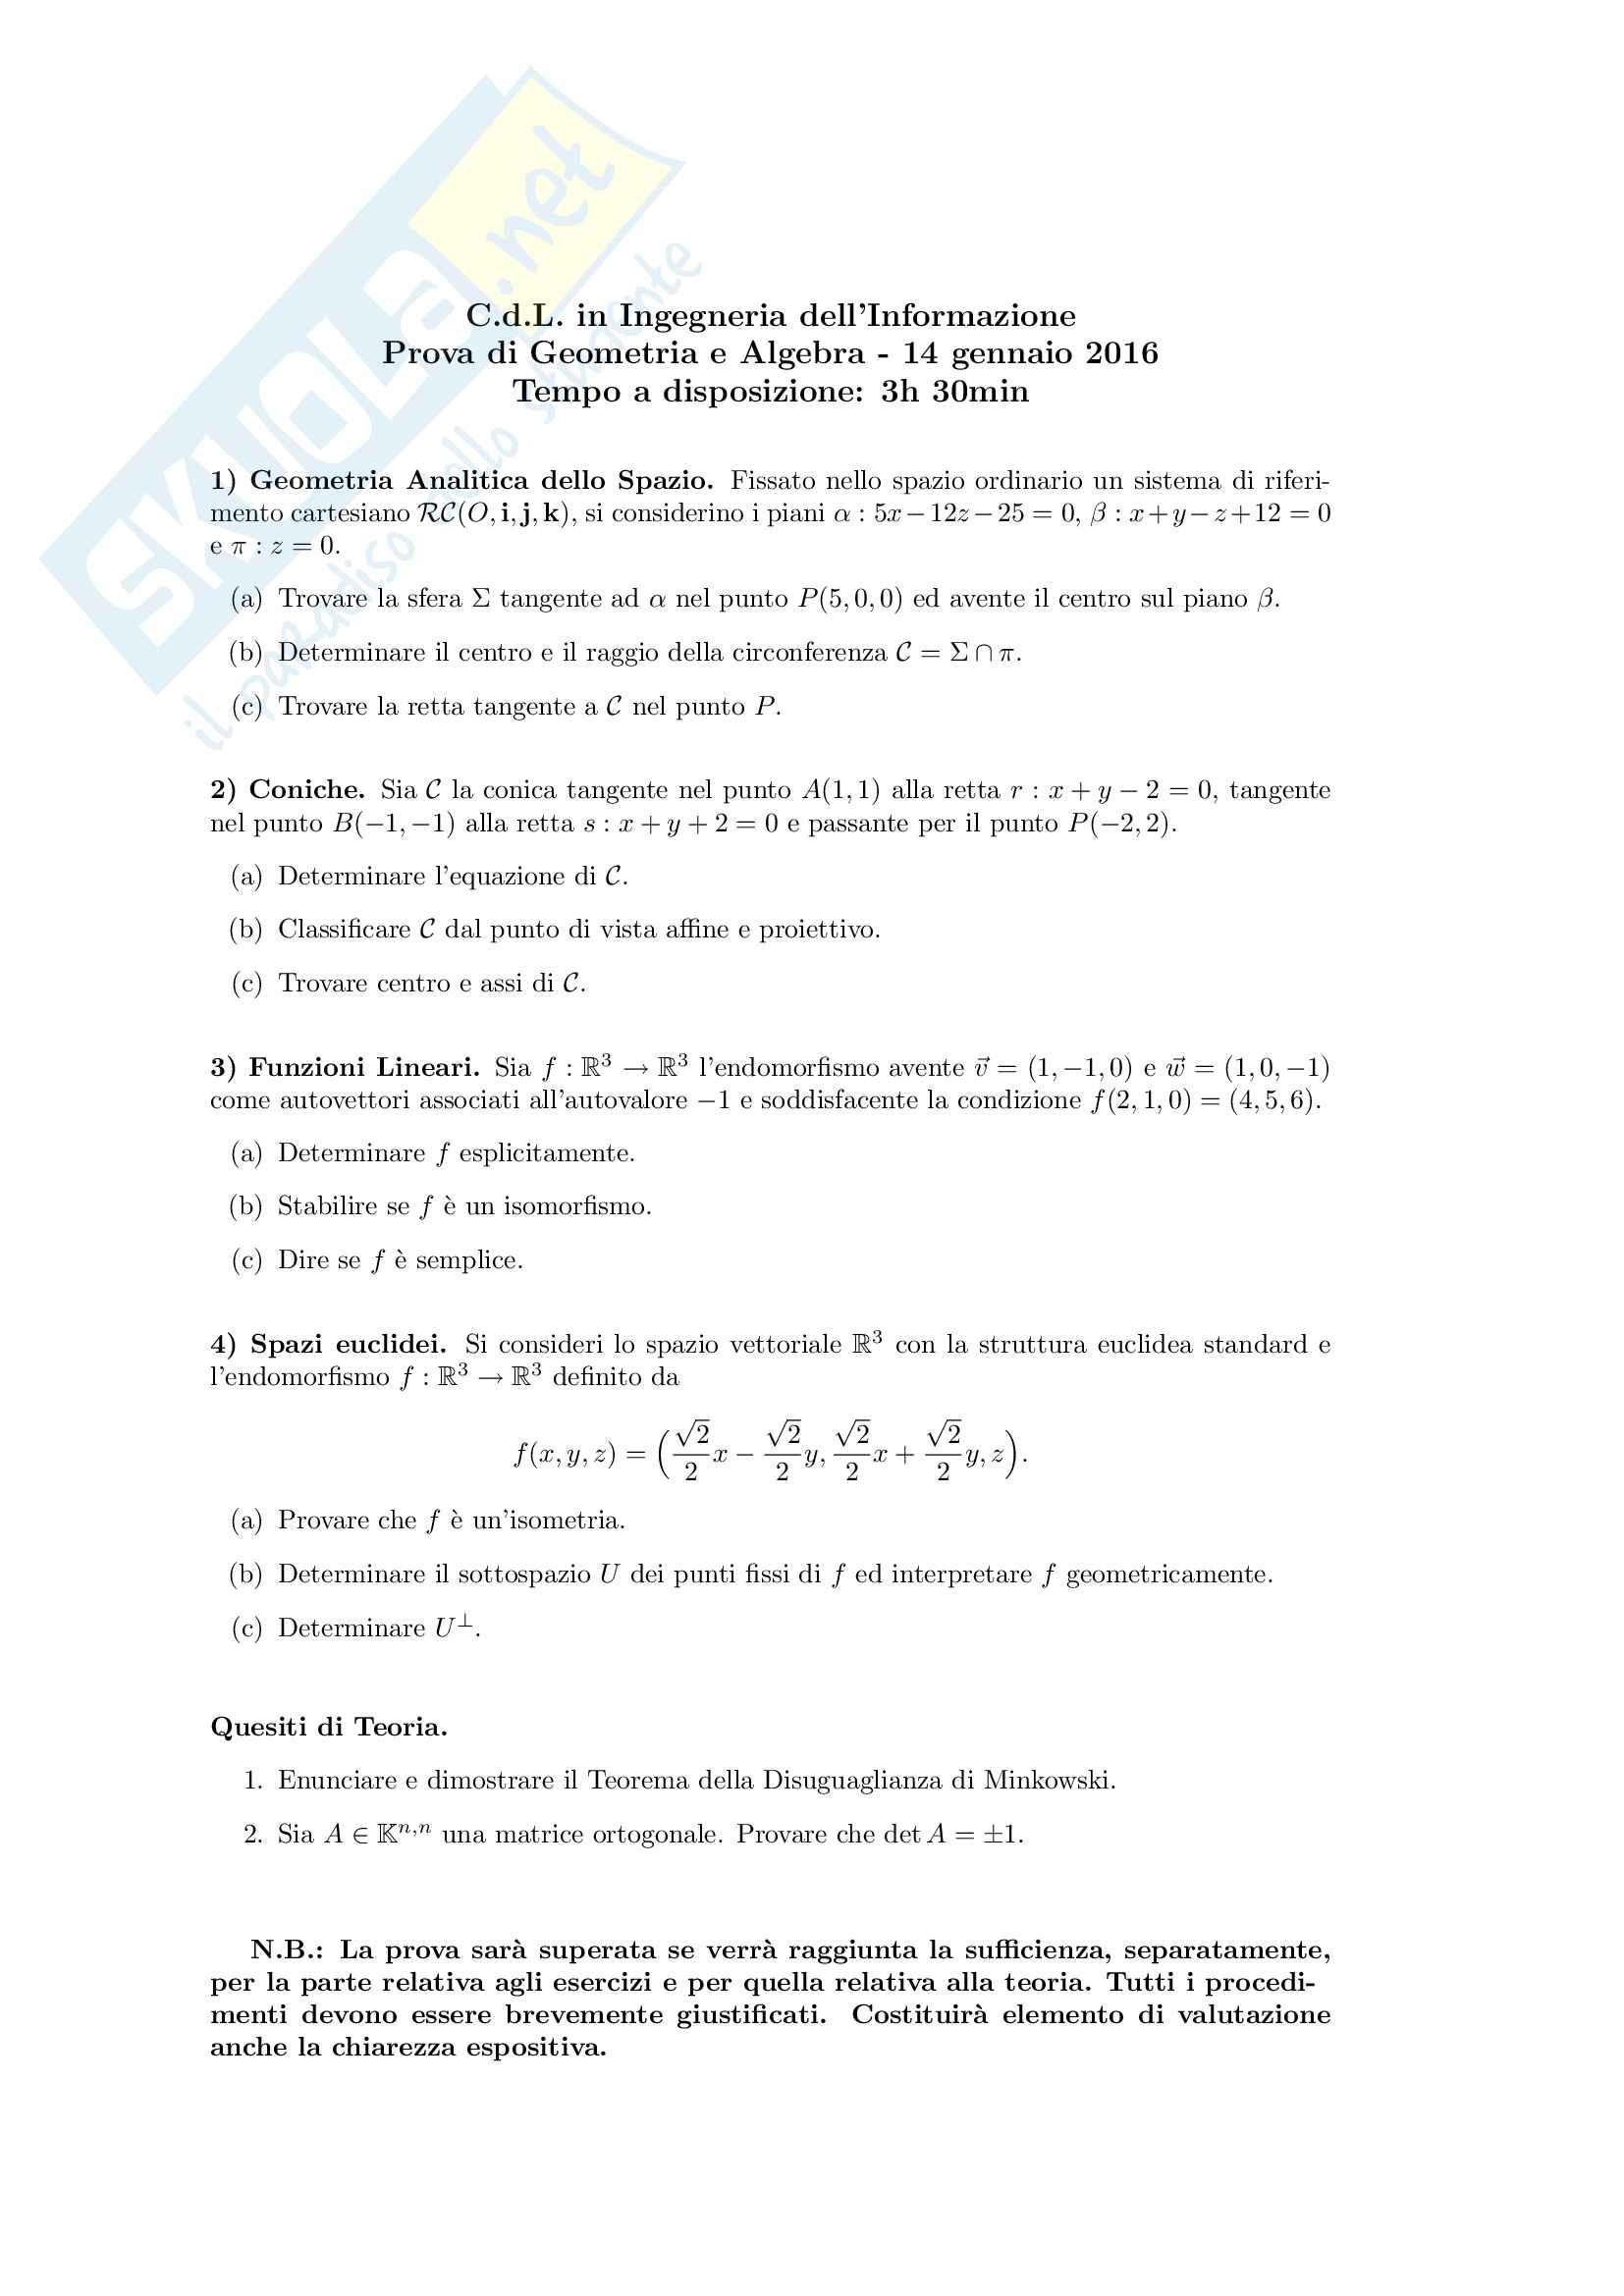 Traccia di esame di Geometria e Algebra Lineare svolta (100% corretta)